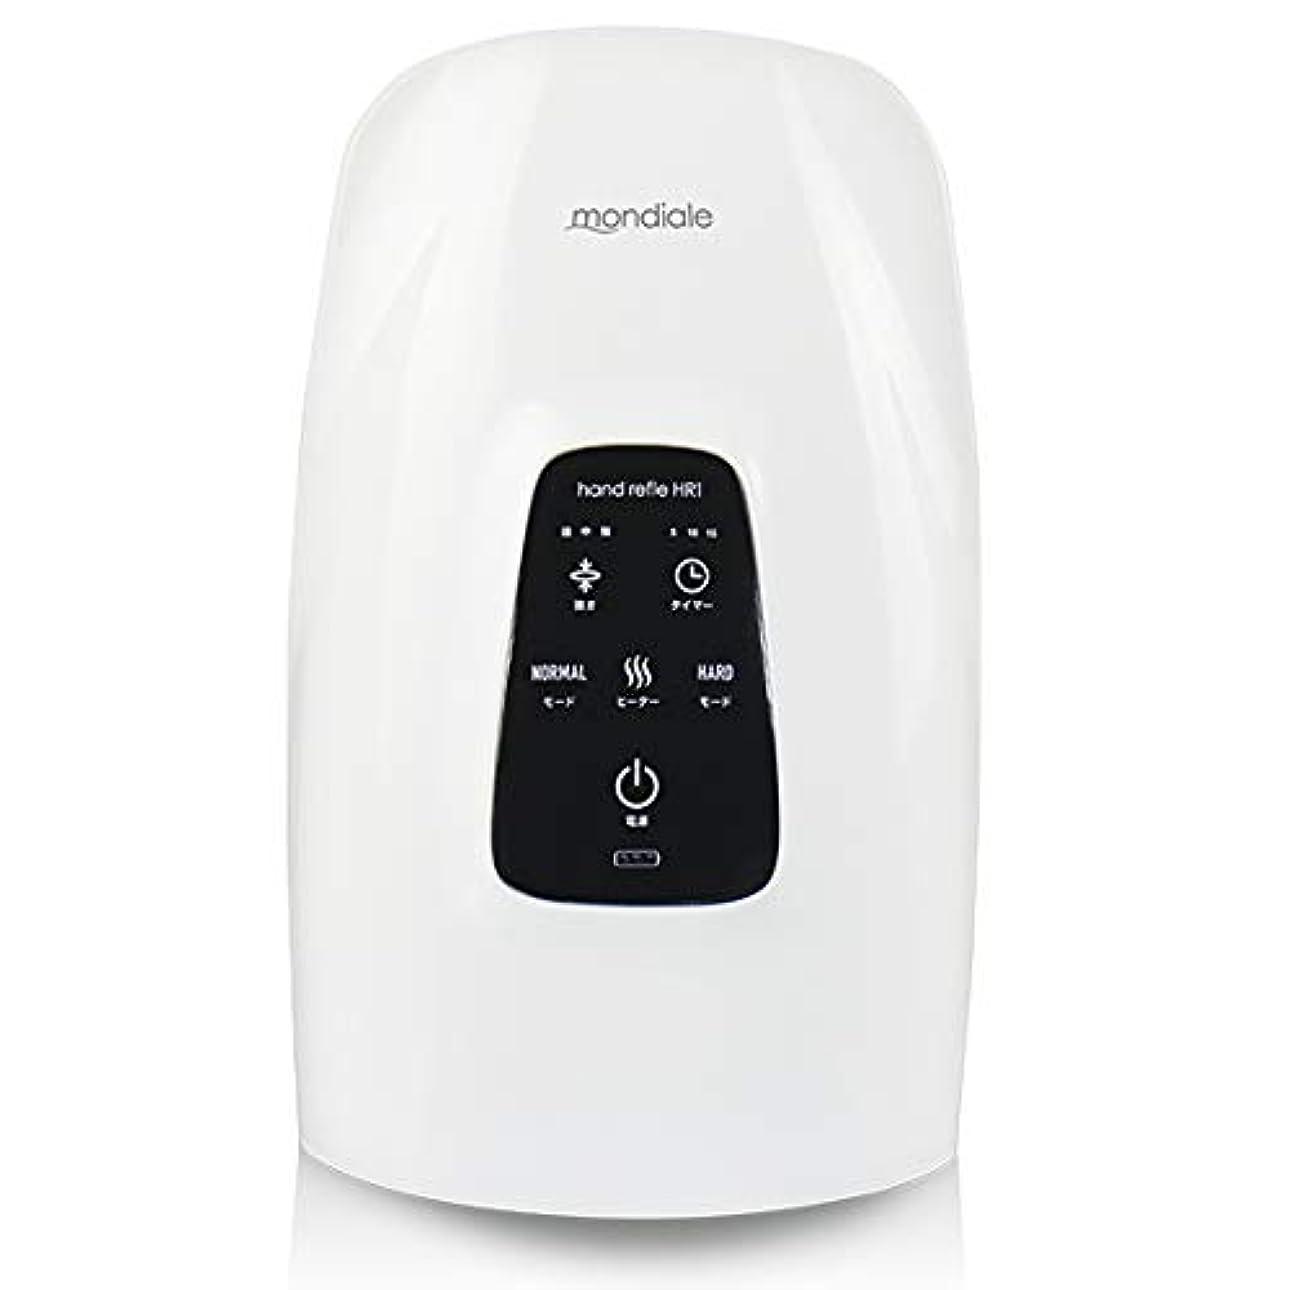 覆すホイップ通信網新作 ハンドマッサージ機 モンデール ハンドリフレ HR1 ip630の後継機種 mondiale hand refle